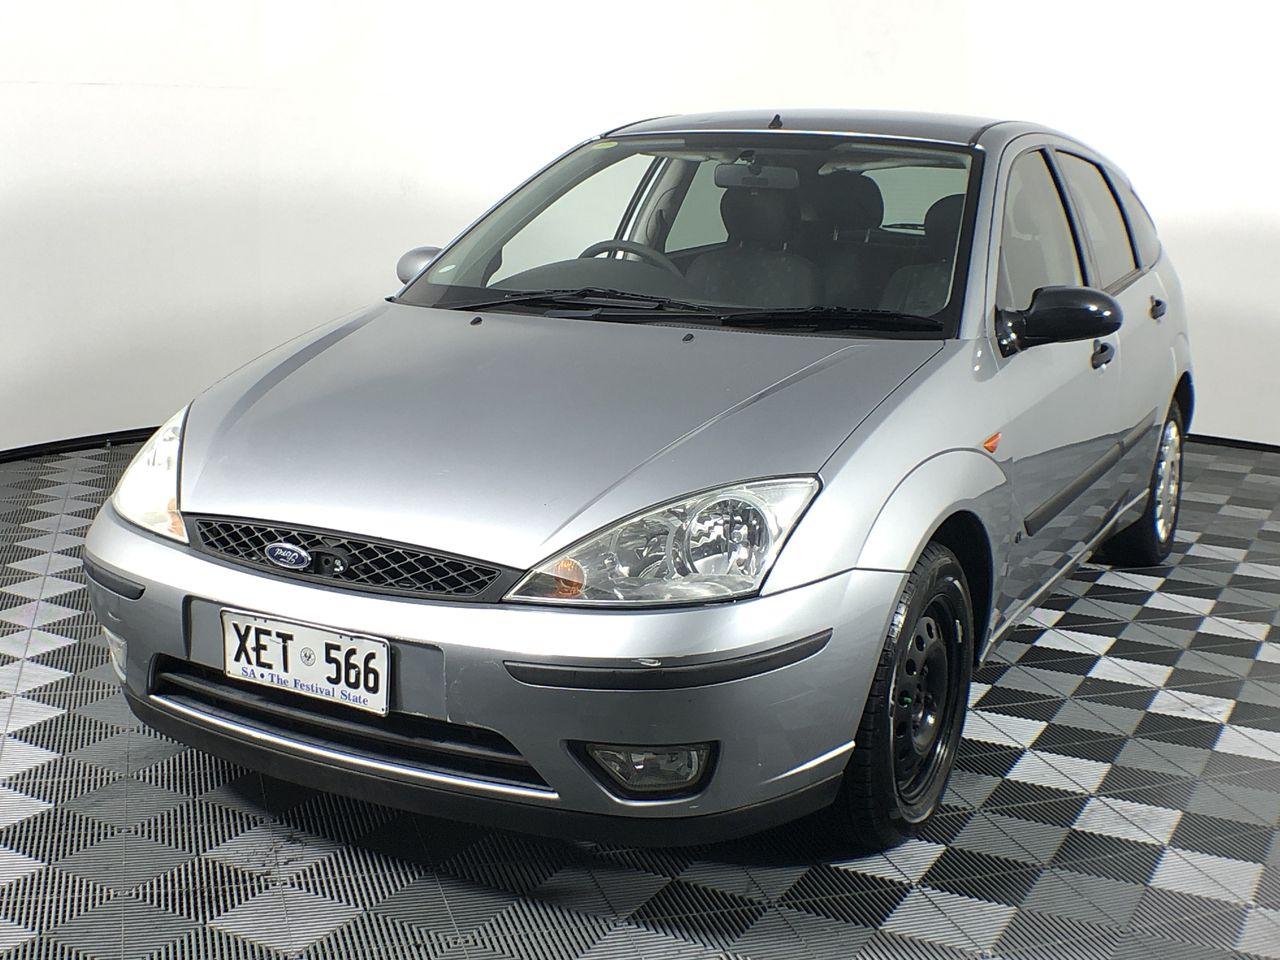 2004 Ford Focus CL LR Manual Hatchback